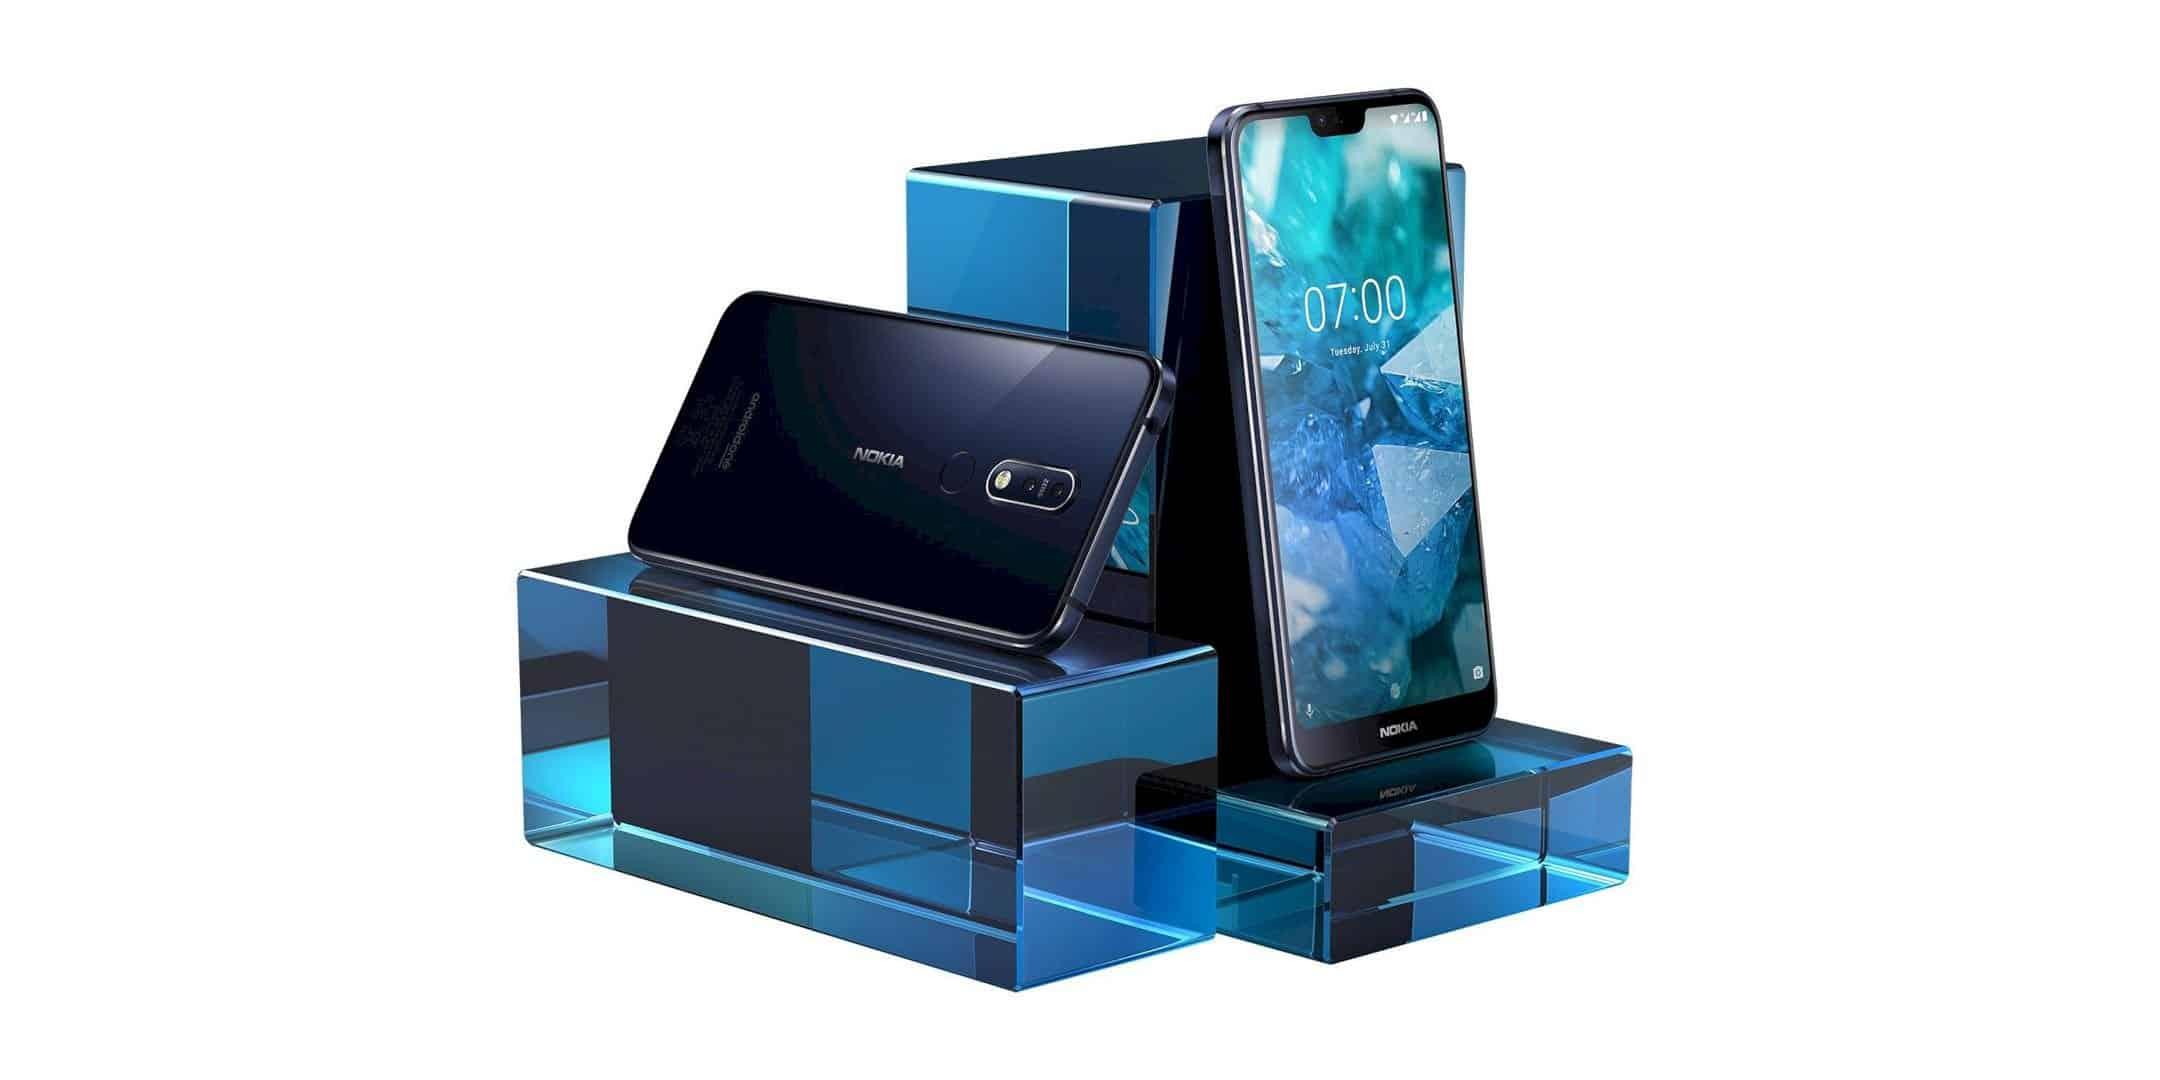 Nokia 7 1 4